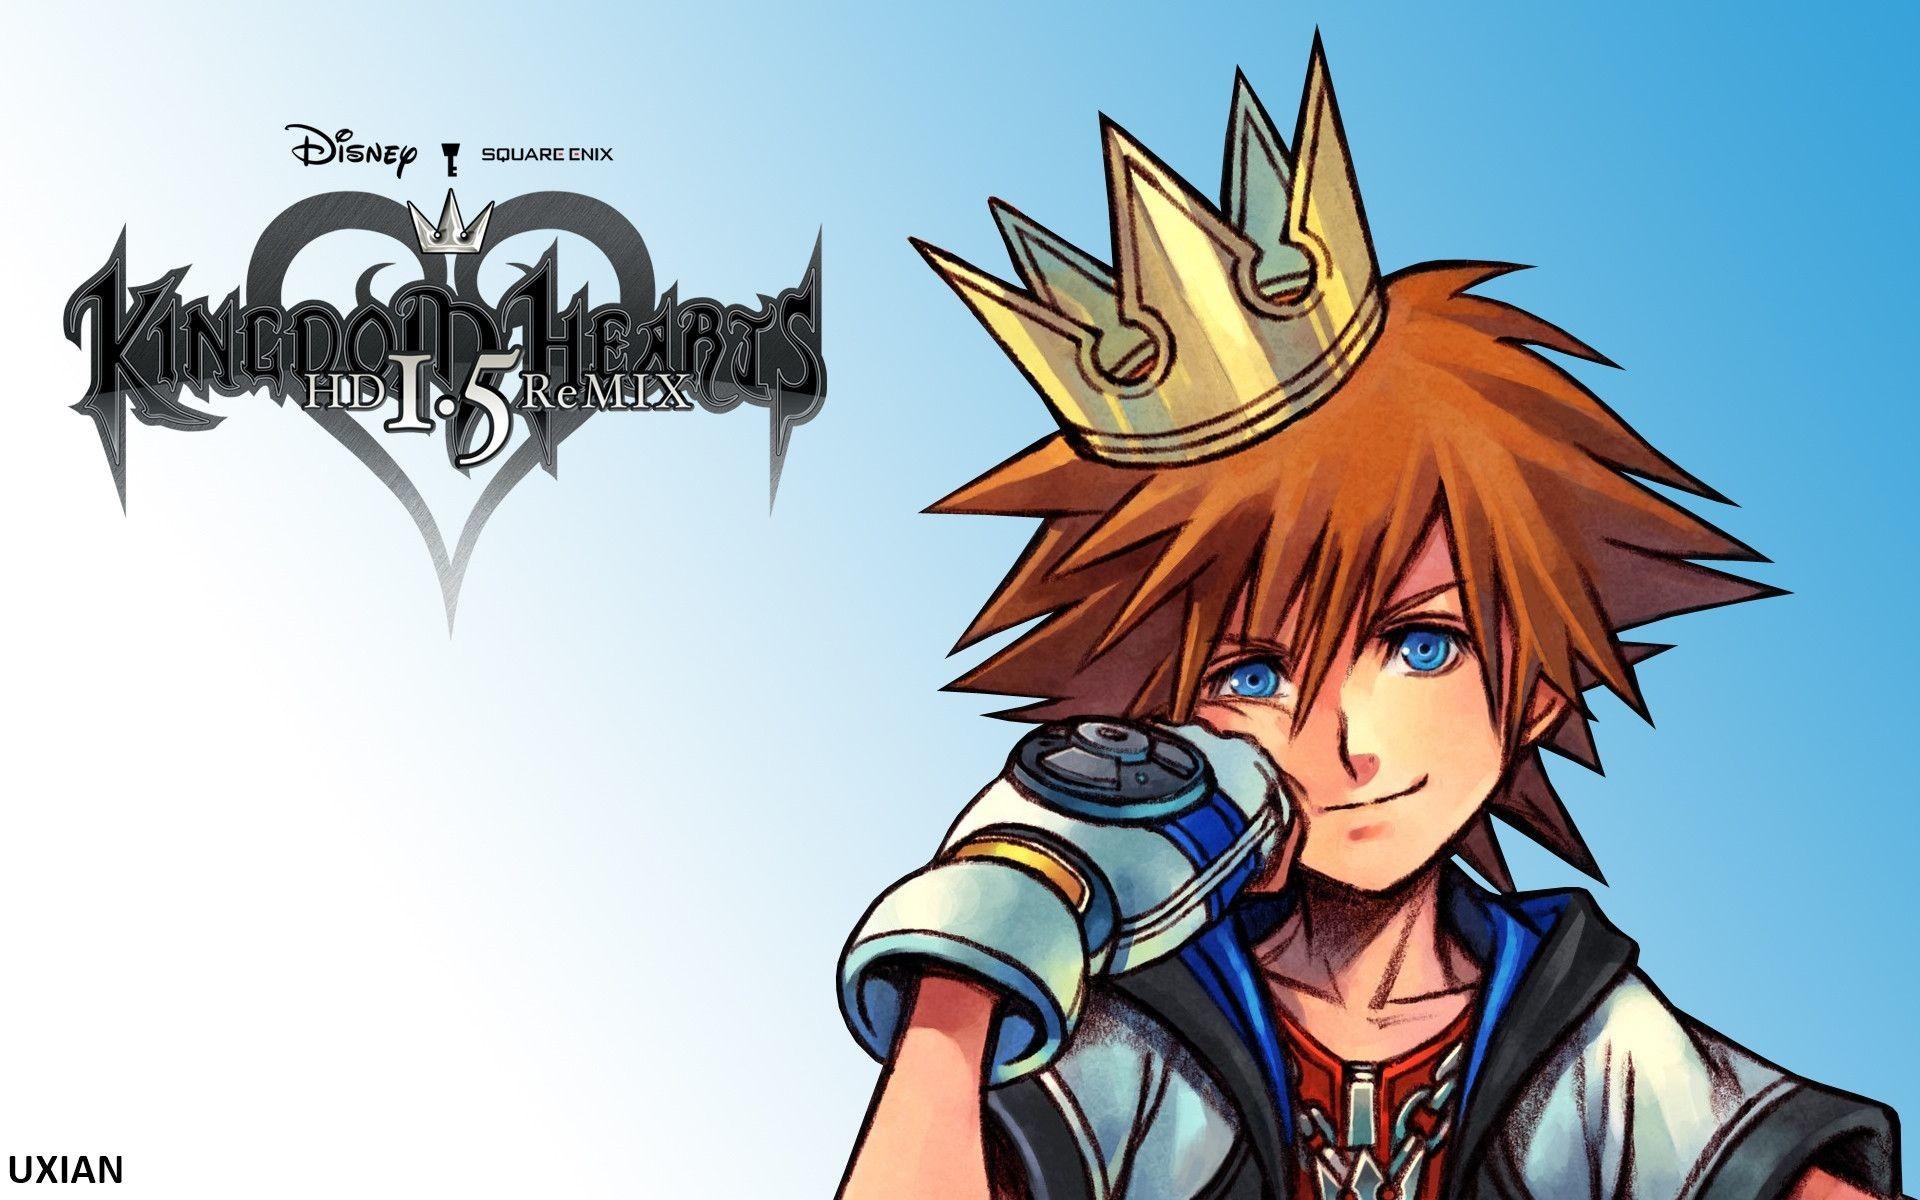 Sora KH2 render (Kingdom Hearts) by TheKarmaKing on DeviantArt